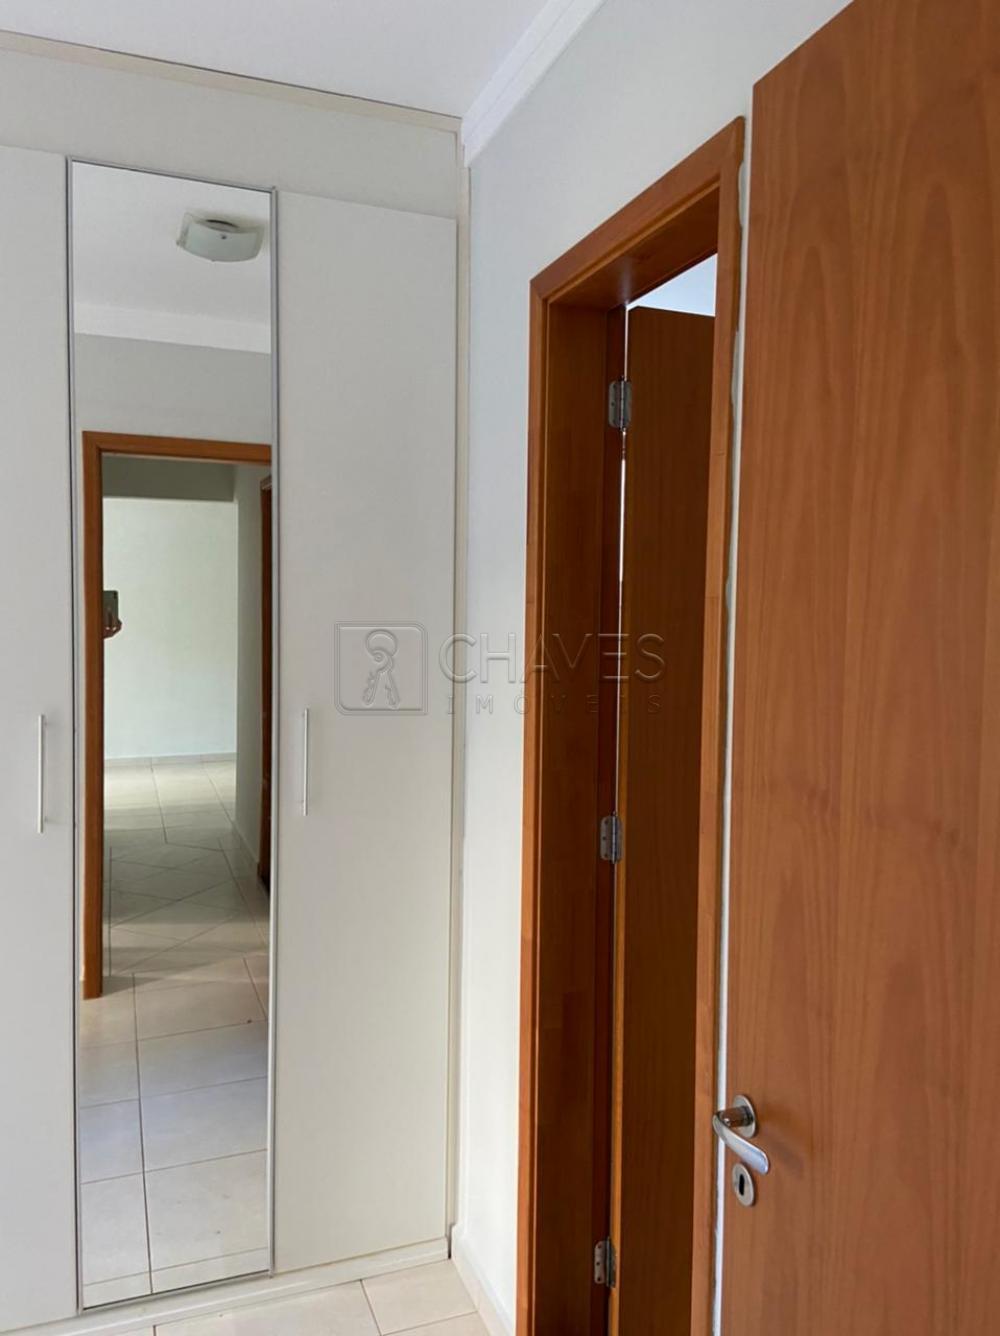 Alugar Apartamento / Padrão em Ribeirão Preto apenas R$ 1.700,00 - Foto 15